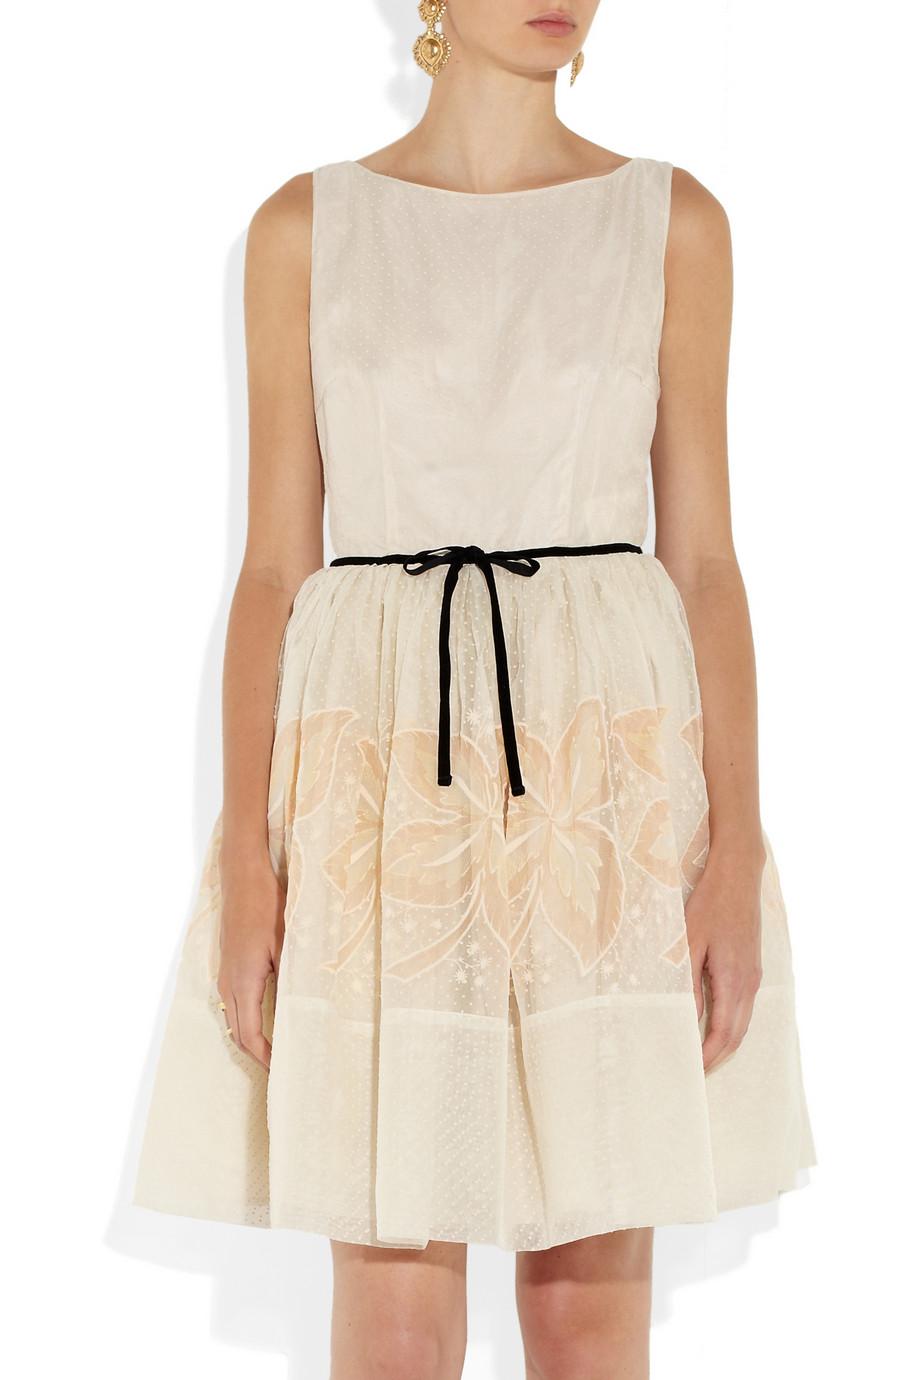 Red Valentino Embroidered Silk Mini Dress In Cream White